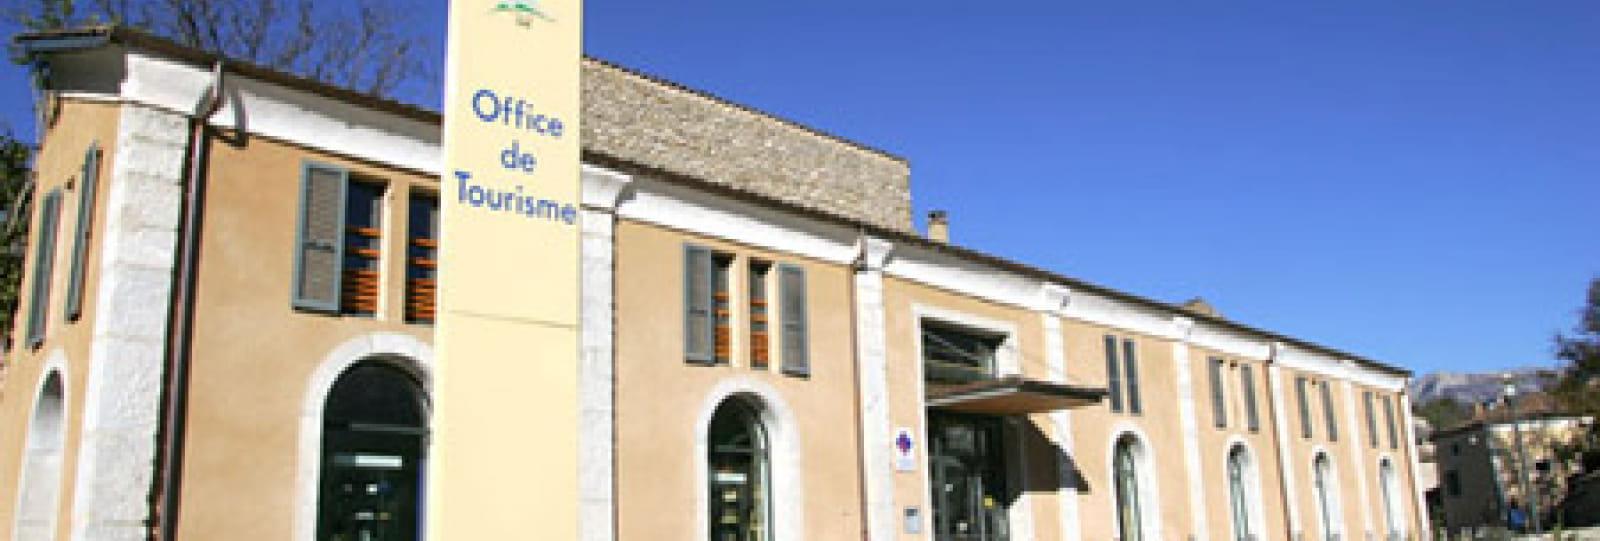 Office de Tourisme du Pays Diois - bureau de Die